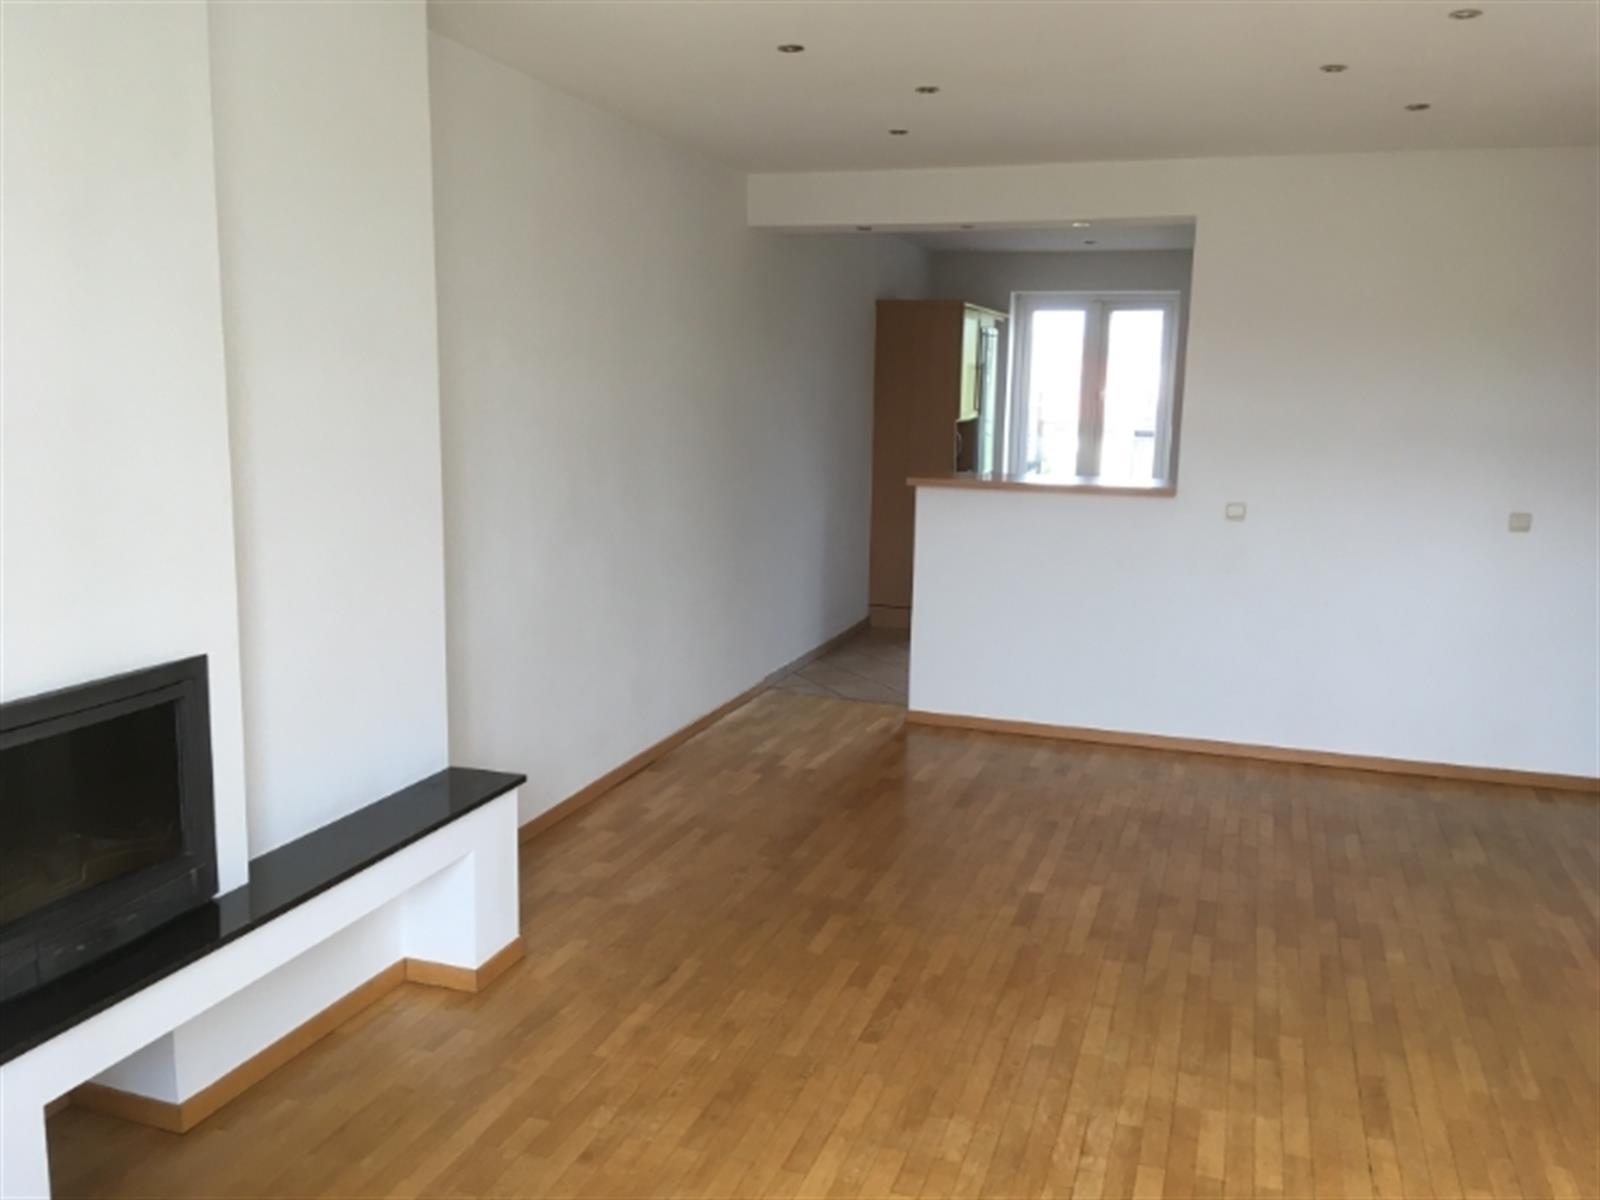 Appartement - Etterbeek - #4350465-3